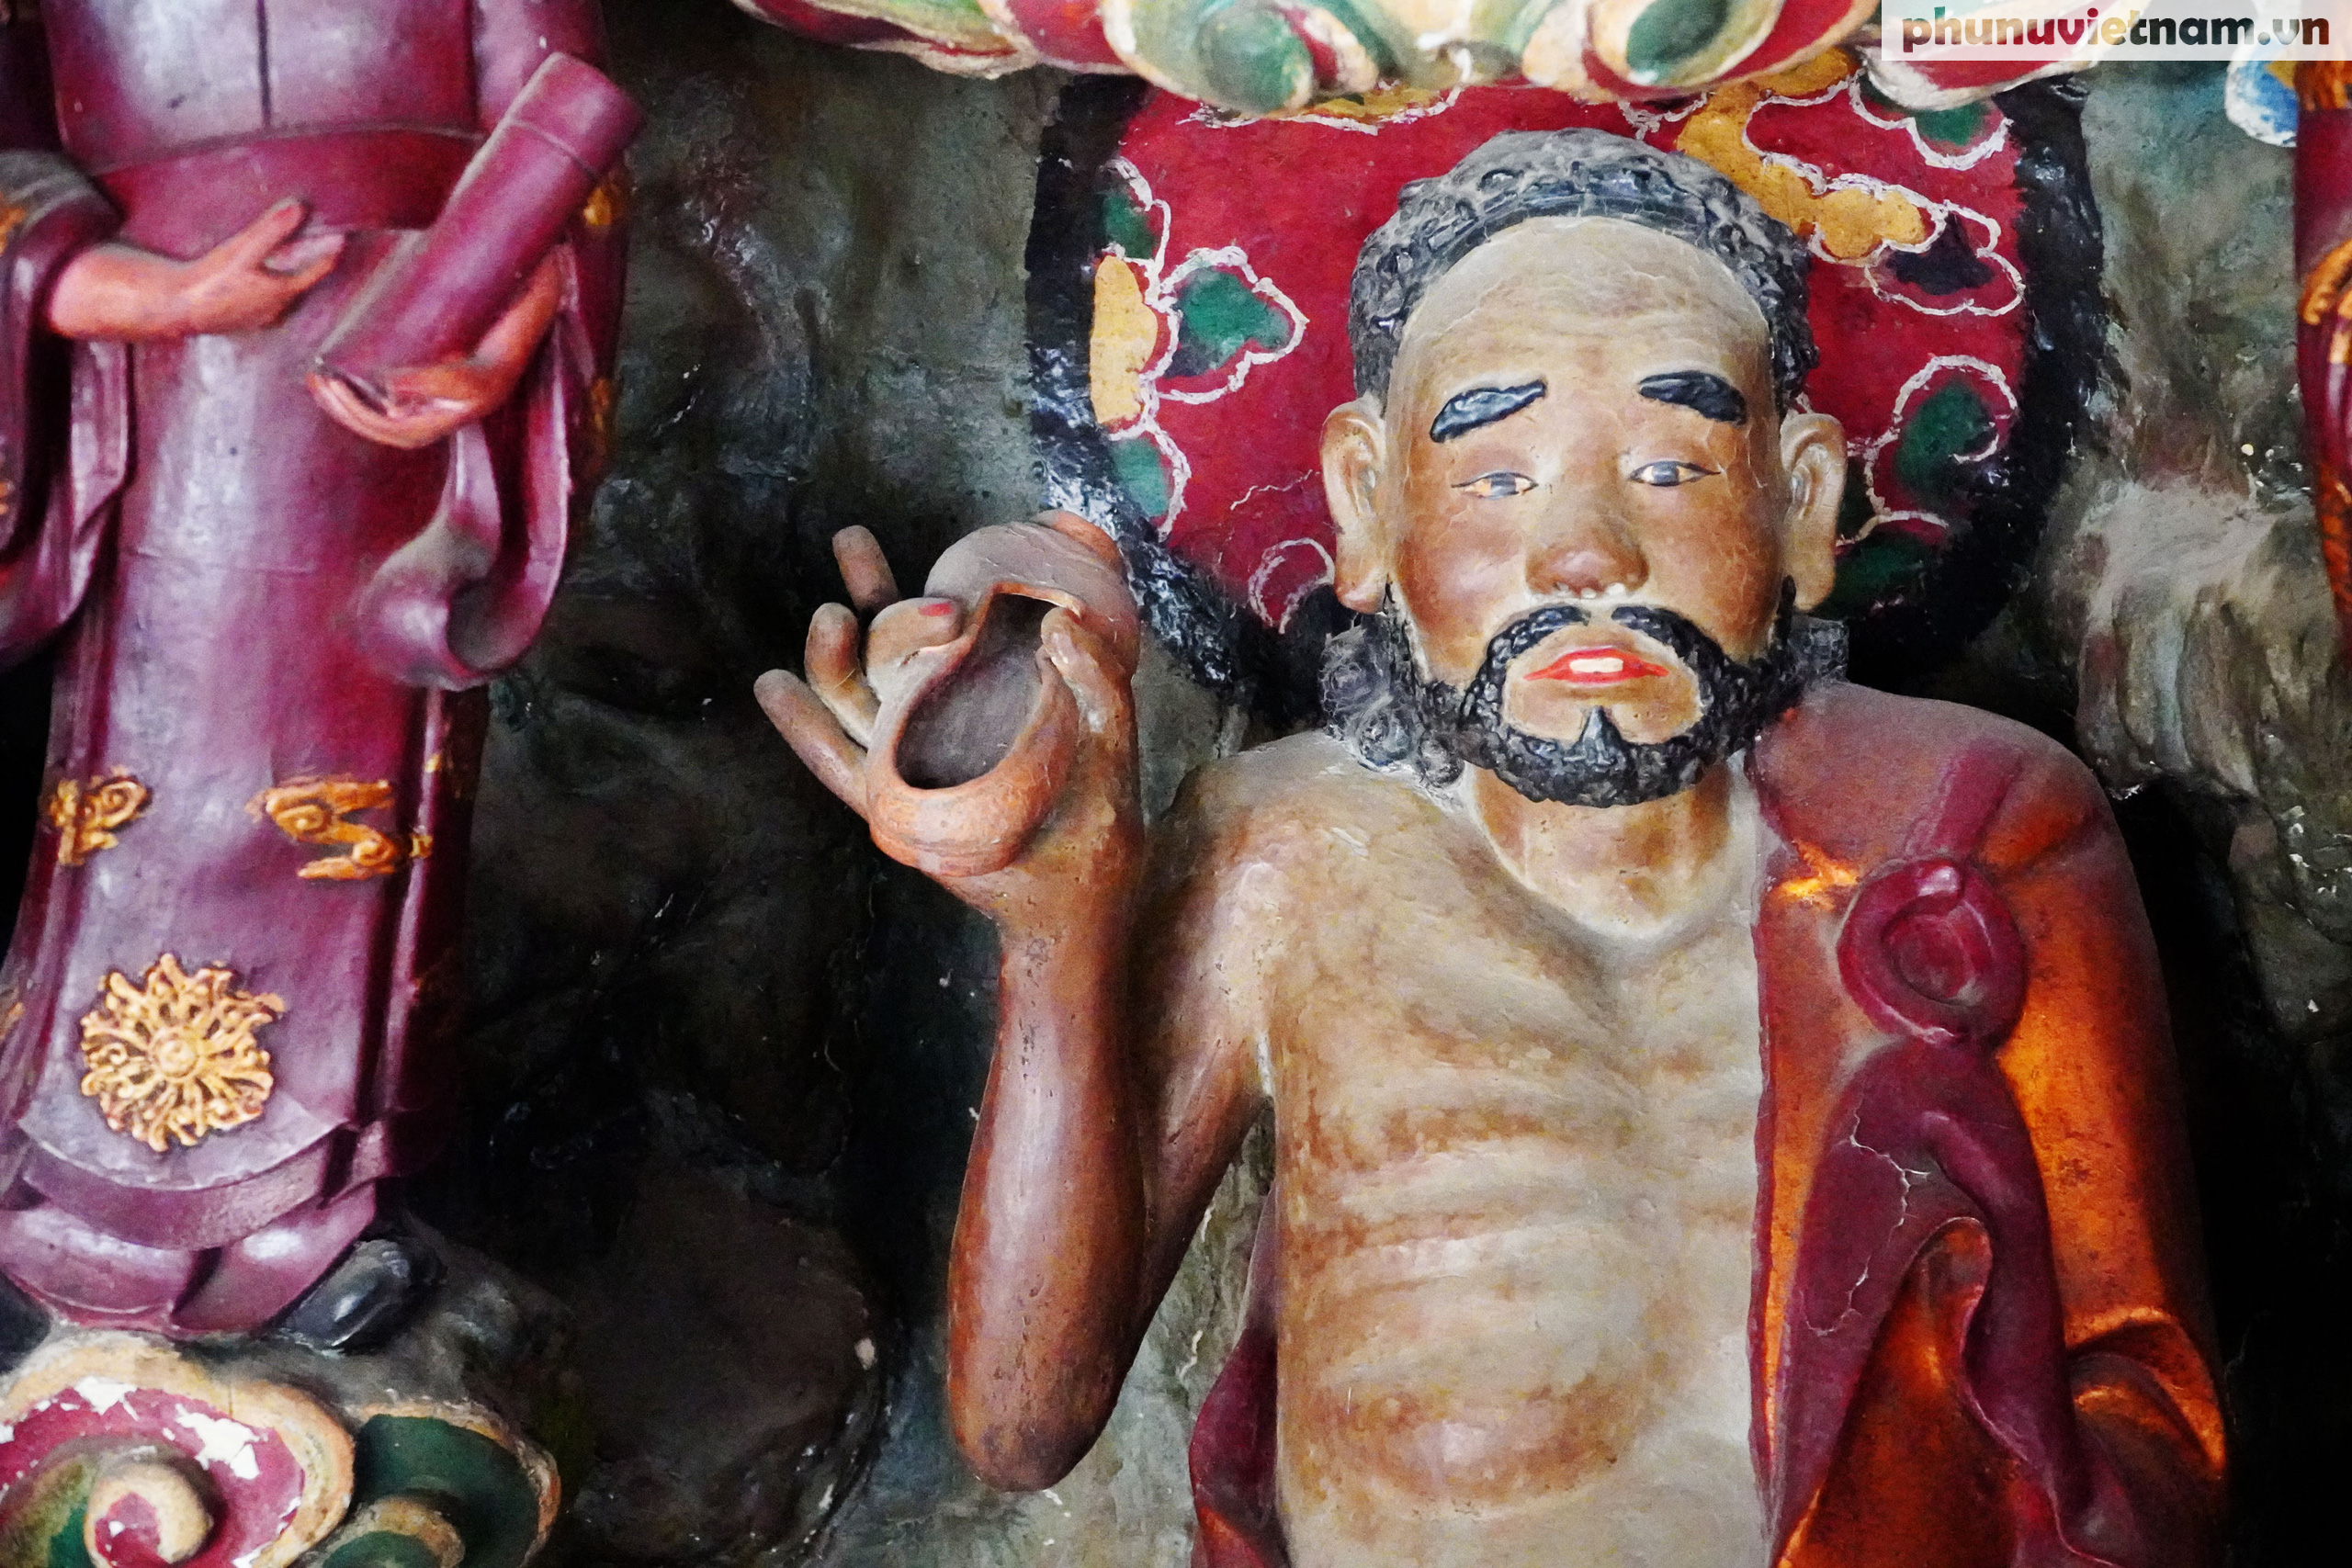 Ngỡ ngàng trước những kiệt tác bằng đất sét trên 200 tuổi về đạo Phật - Ảnh 9.